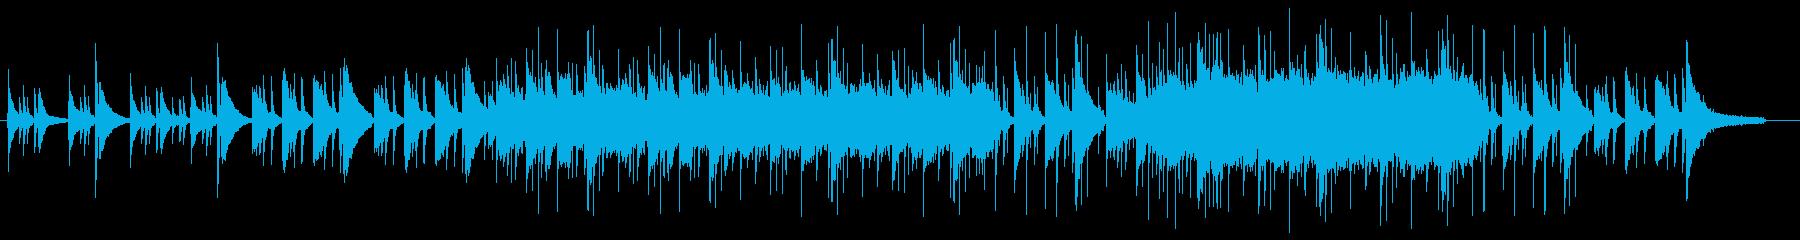 感動シーンのBGMの再生済みの波形